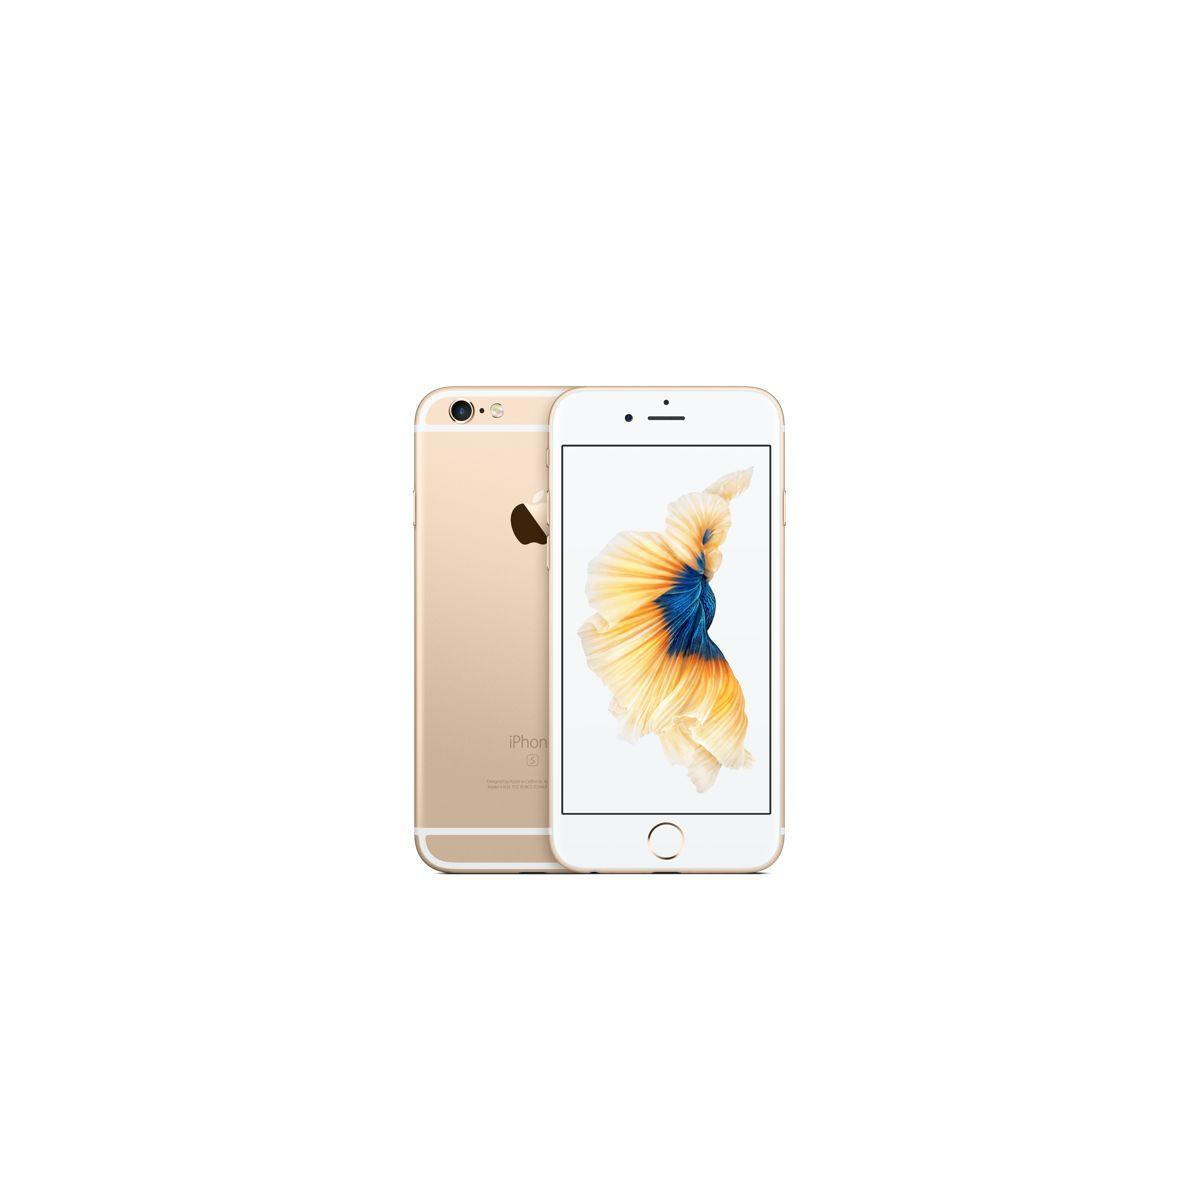 Apple iphone 6s 128go or - 2% de remise immédiate avec le code : fete2 (photo)